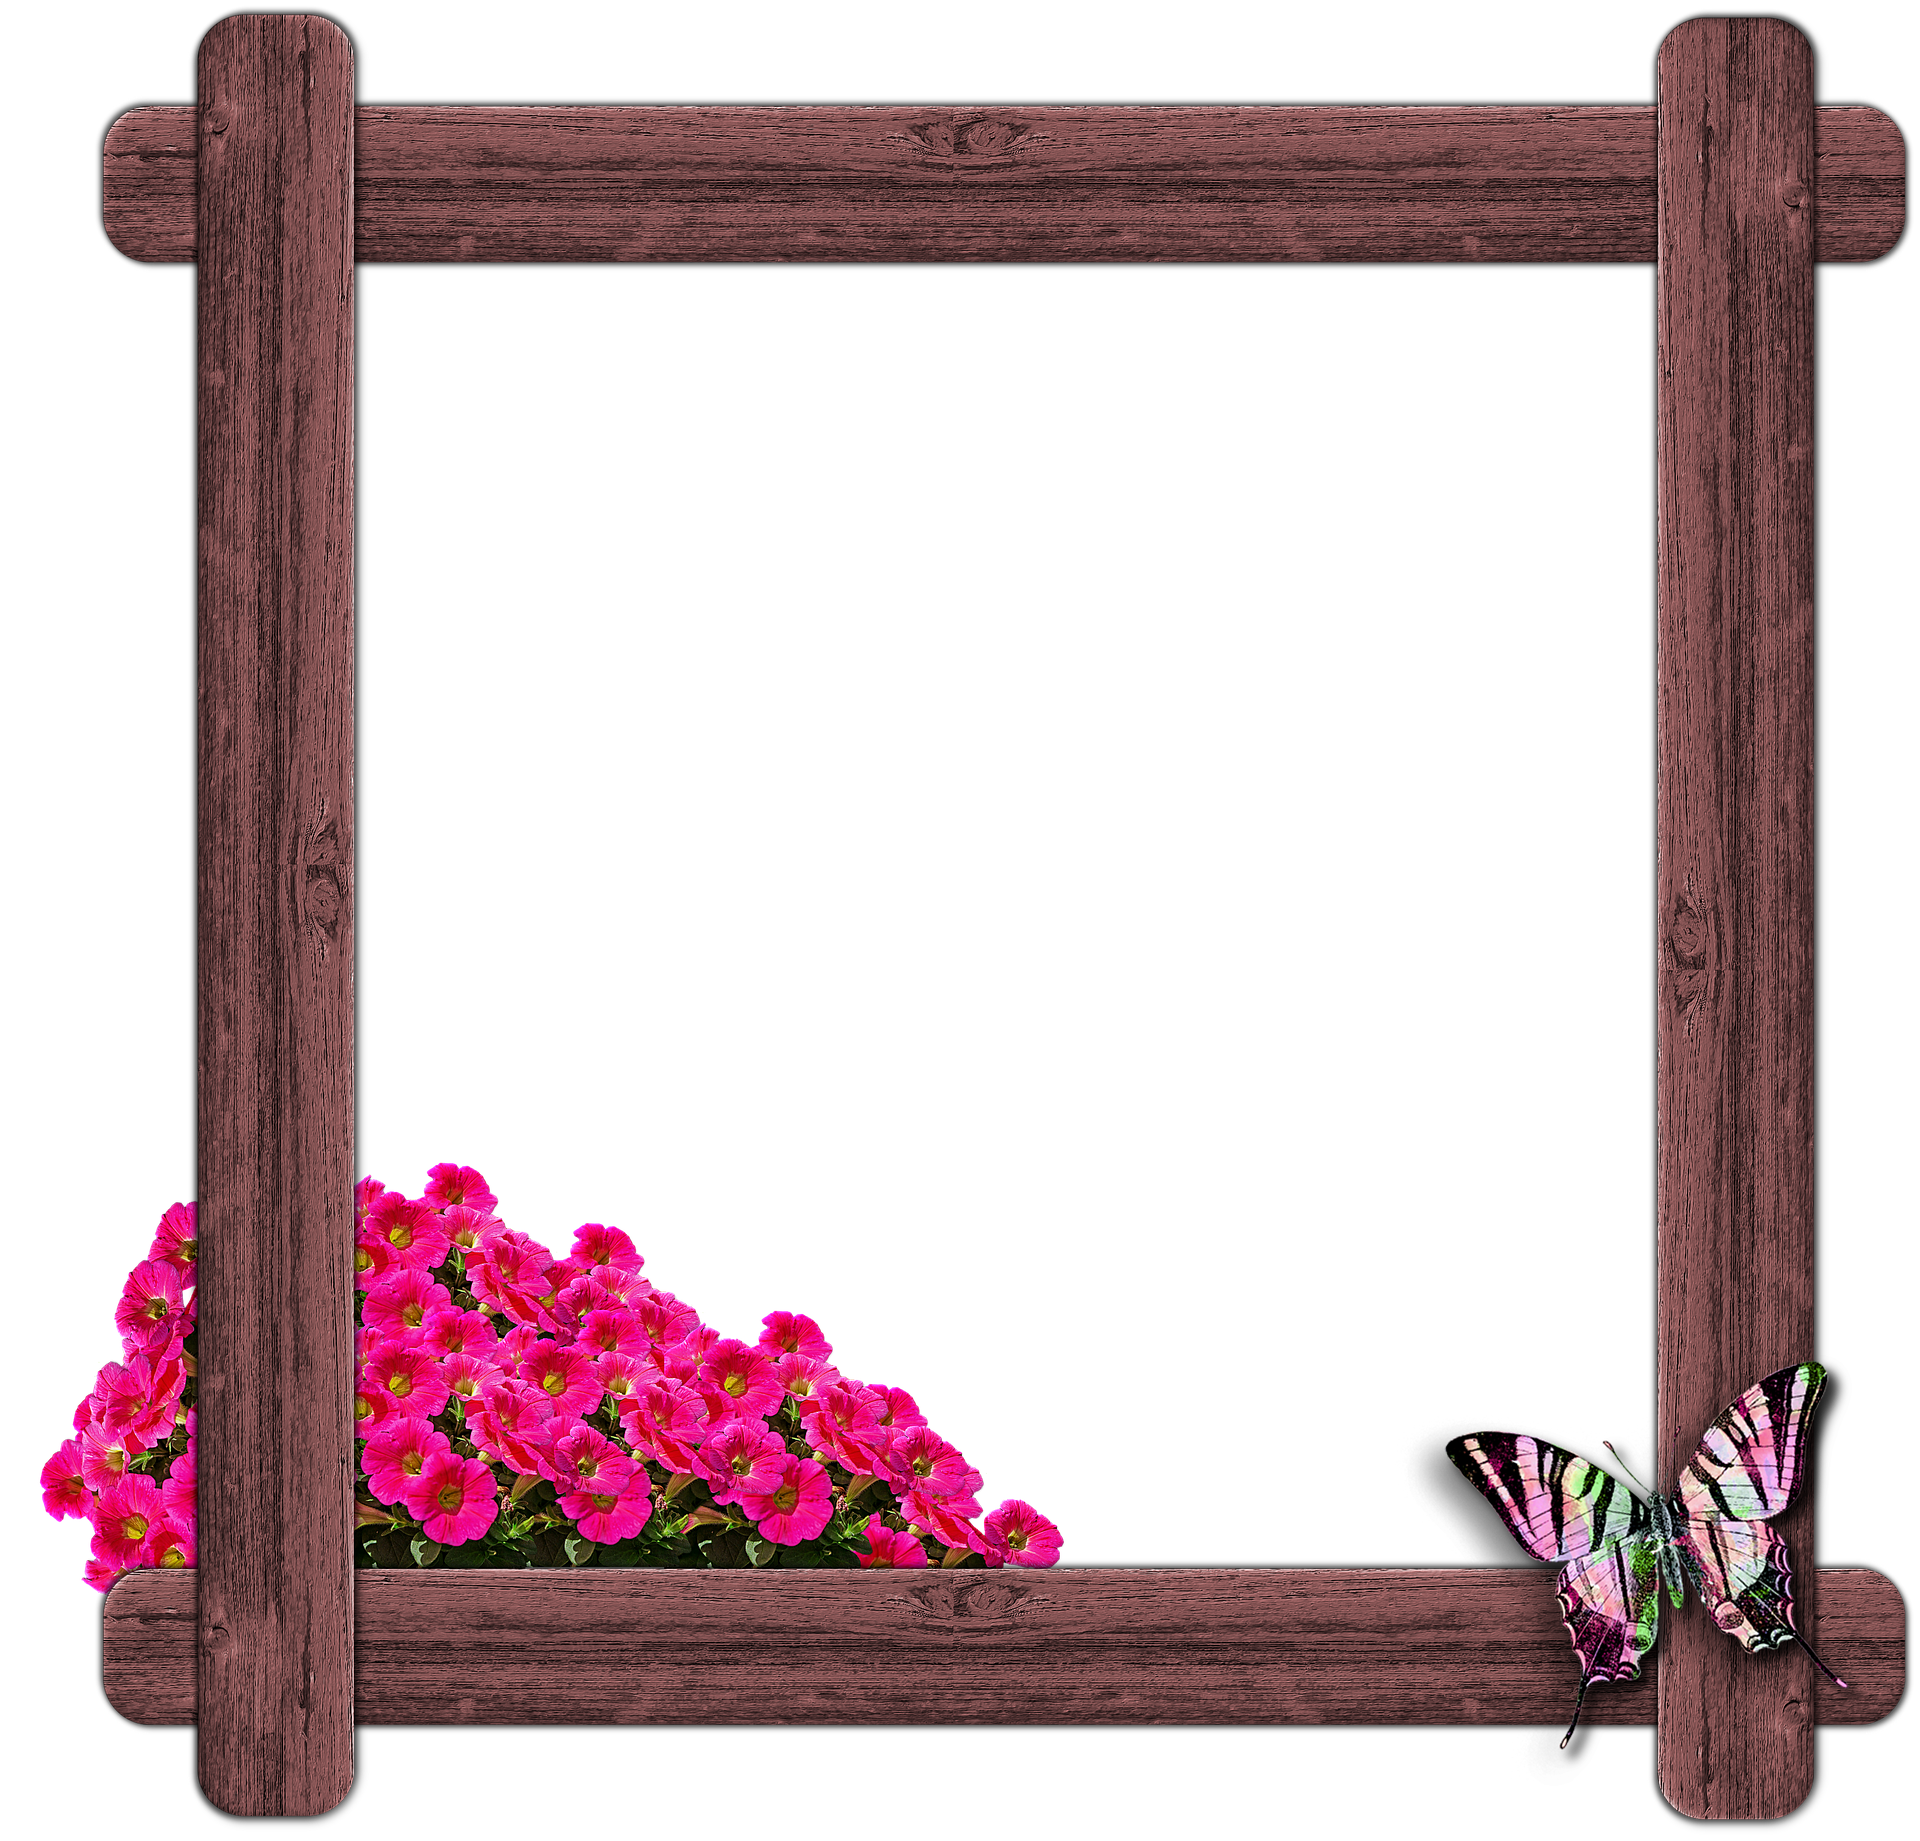 Frame khung gỗ đáng yêu